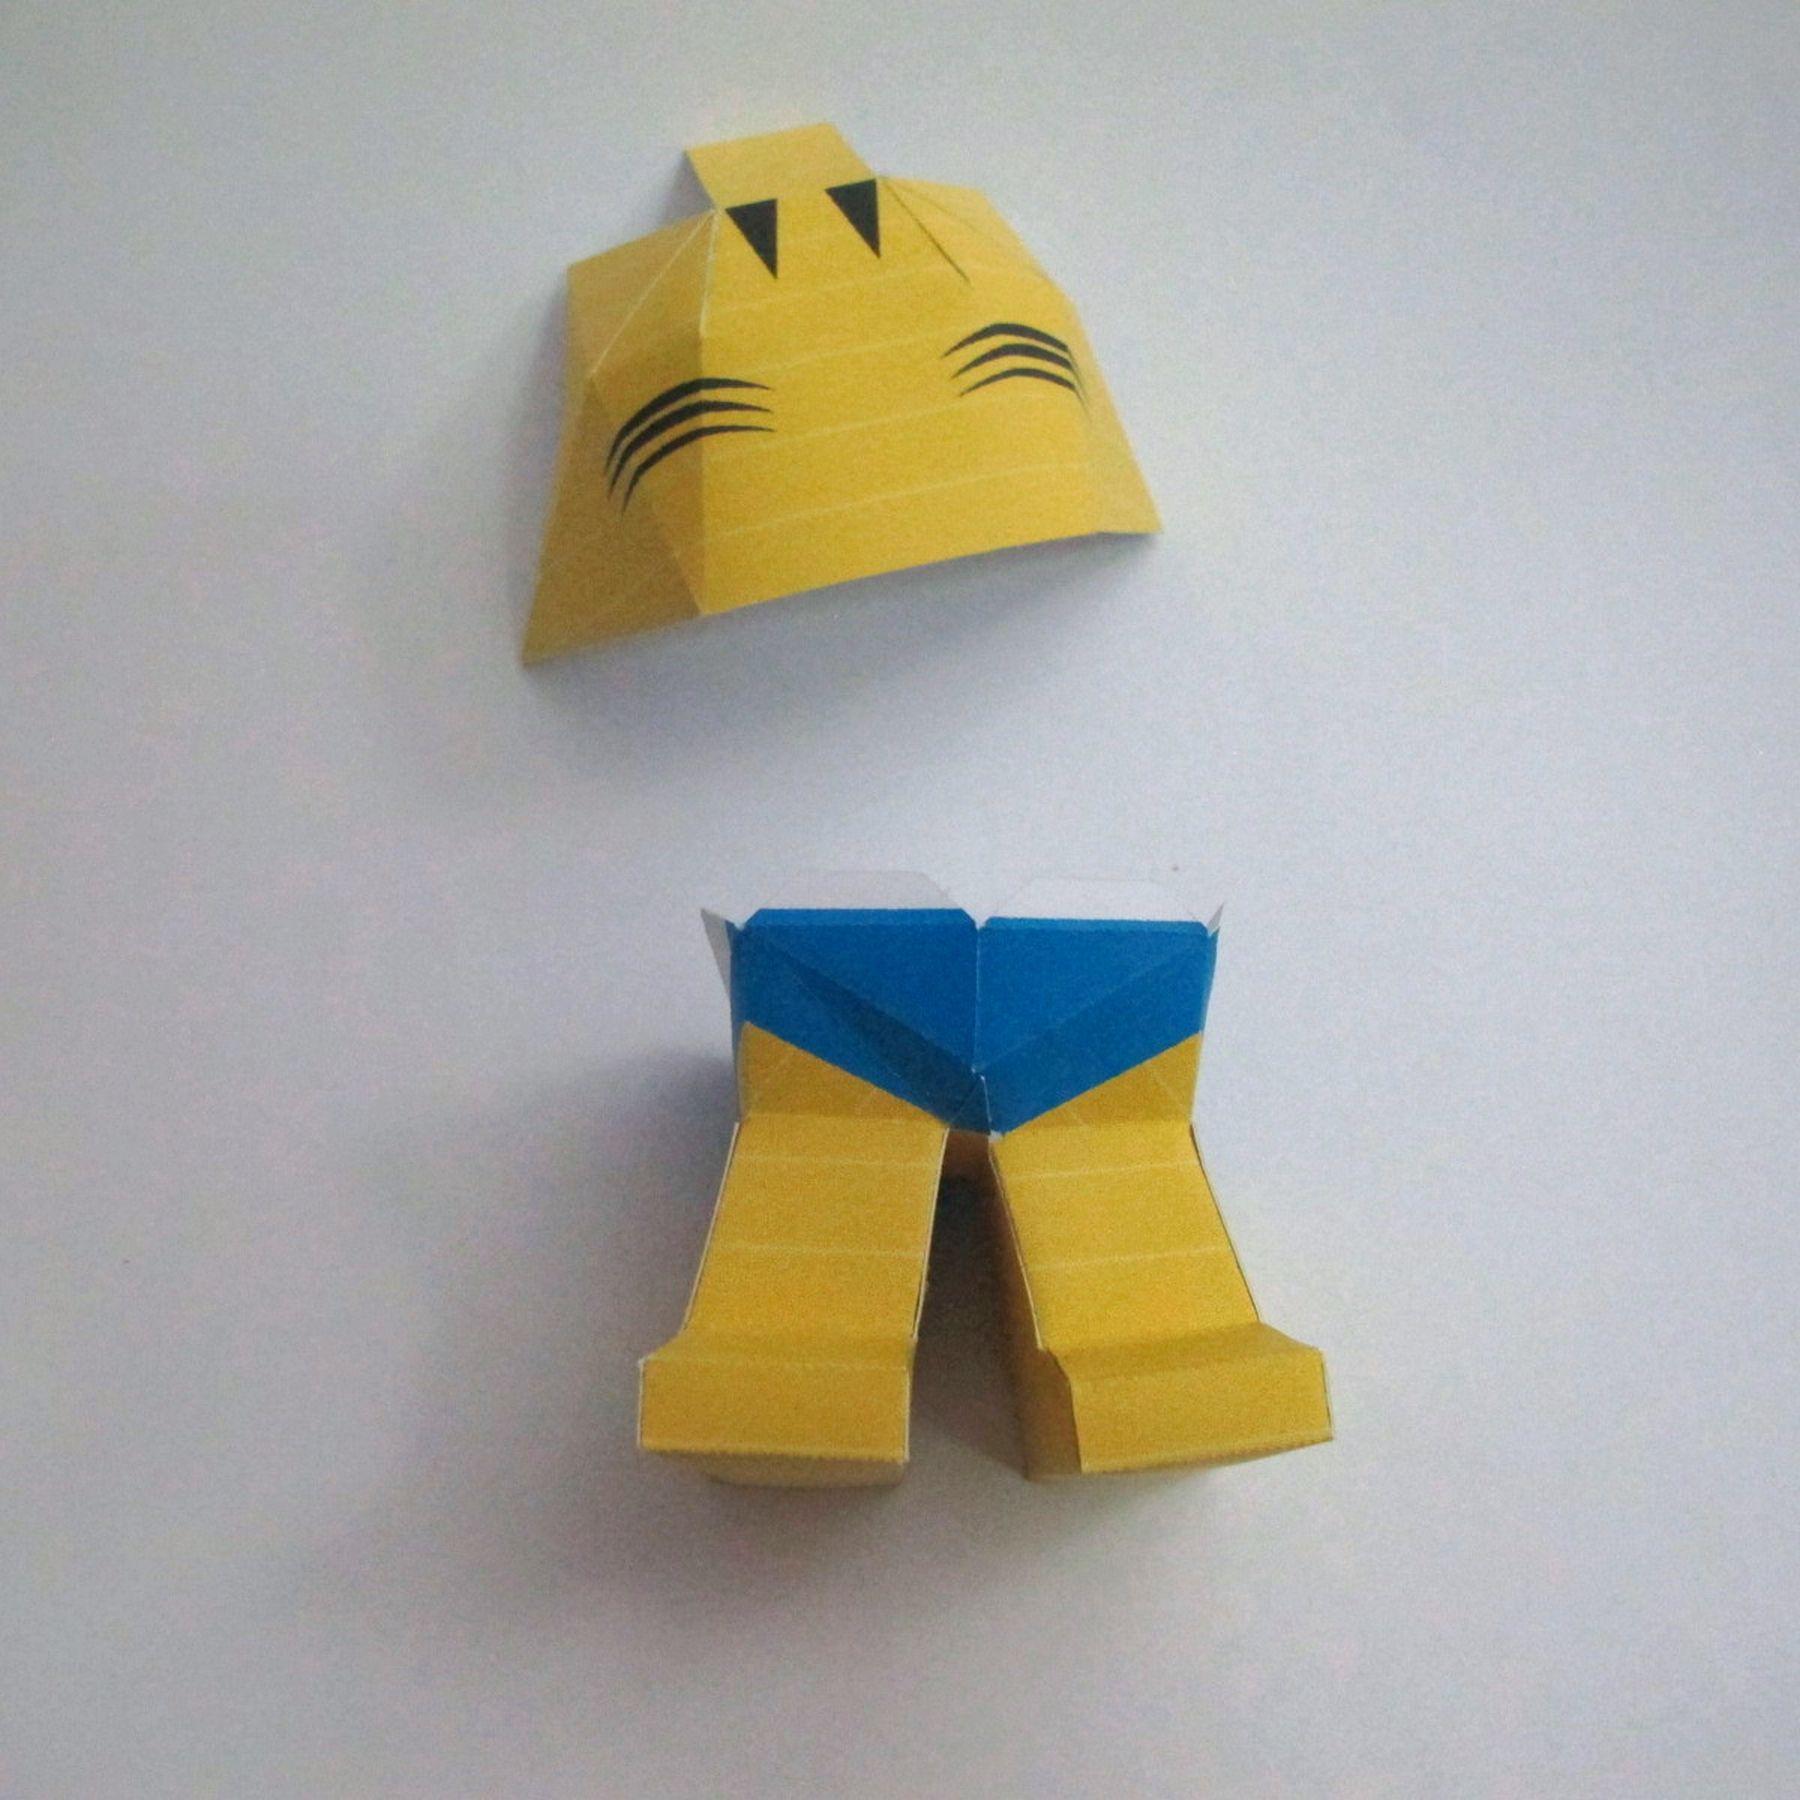 วิธีทำของเล่นโมเดลกระดาษ วูฟเวอรีน (Chibi Wolverine Papercraft Model) 028